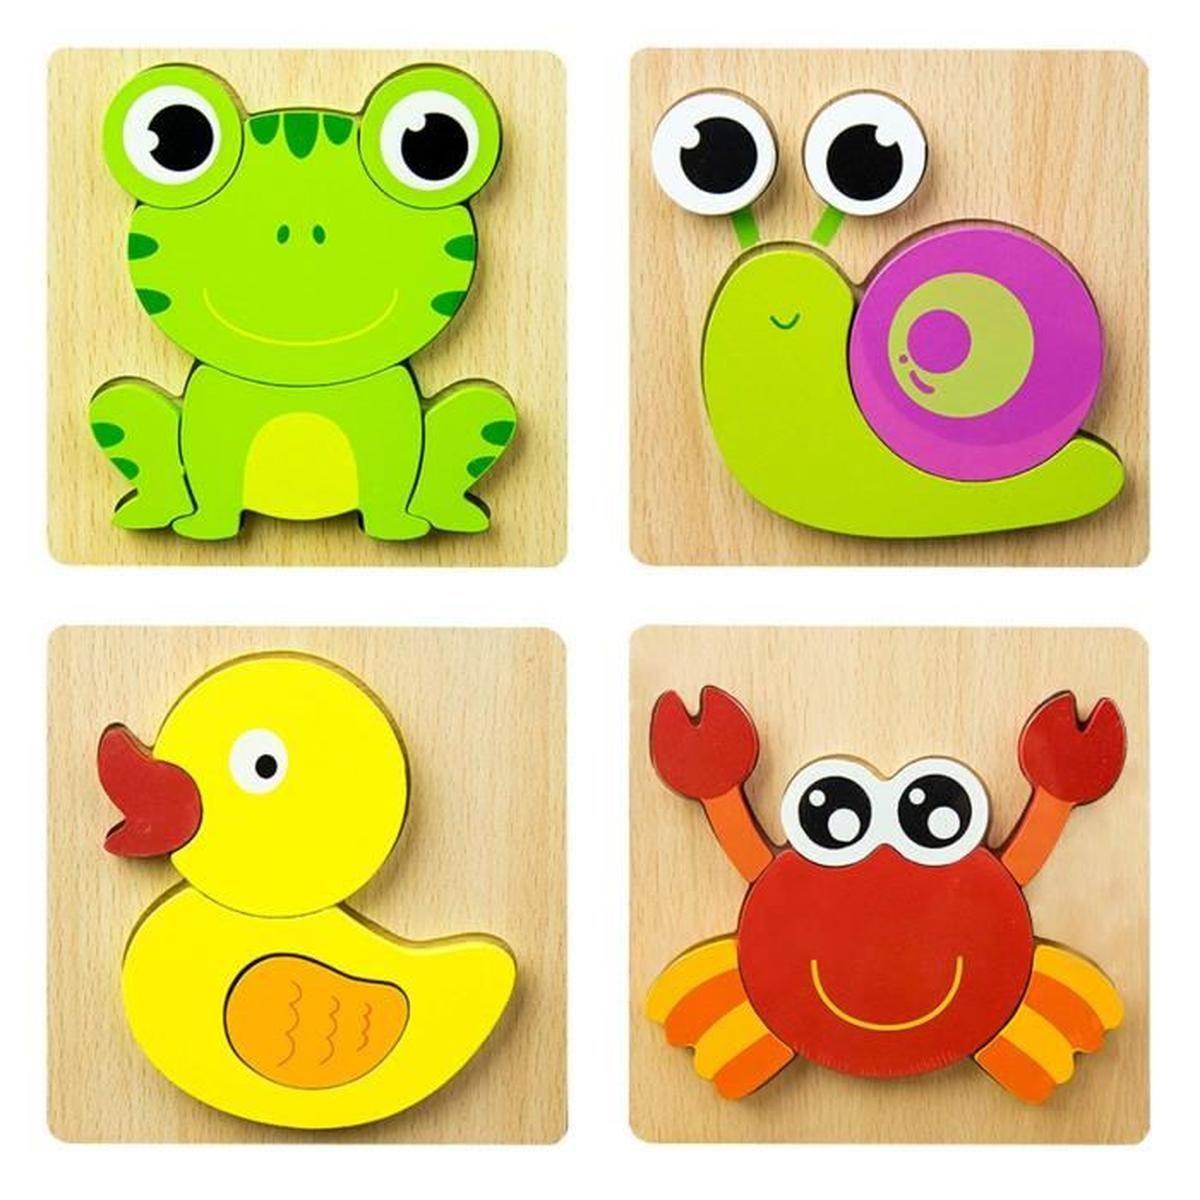 4Pcs Jouet Bebe - Puzzles En Bois, Jouet Enfant 1 2 3 4 Ans destiné Jeux Educatif Enfant 2 Ans